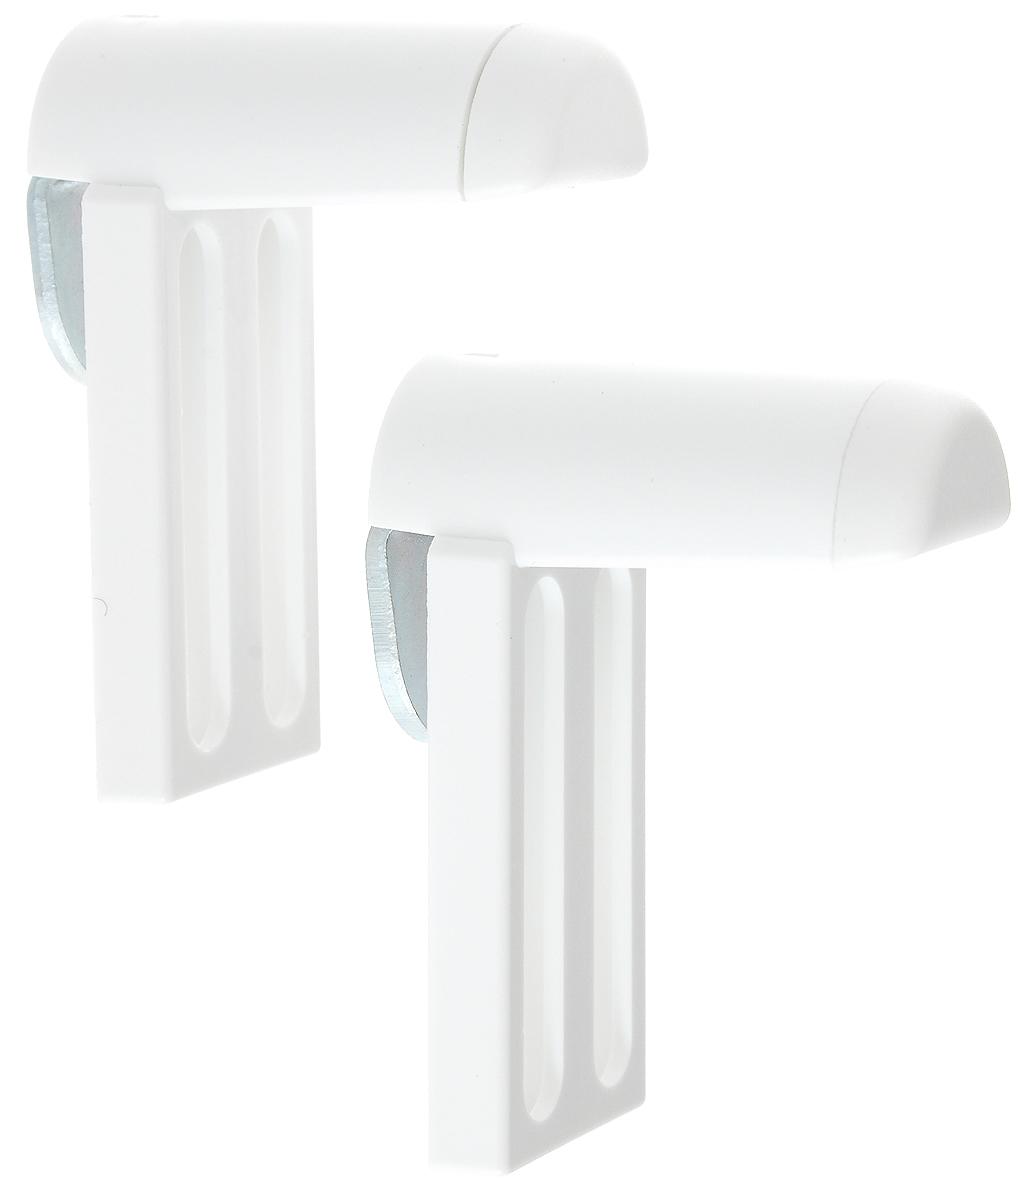 Крепление для фиксации рулонных штор Эскар, универсальное, на распашное окно, 2 шт. 13000SS 4041Универсально крепление Эскар предназначено для фиксации рулонных штор, плиссе на распашное окно без сверления. Выполнено из высококачественного пластика. Комплектация: 2 шт. Размер крепления: 5,2 х 2,3 х 3,8 см.